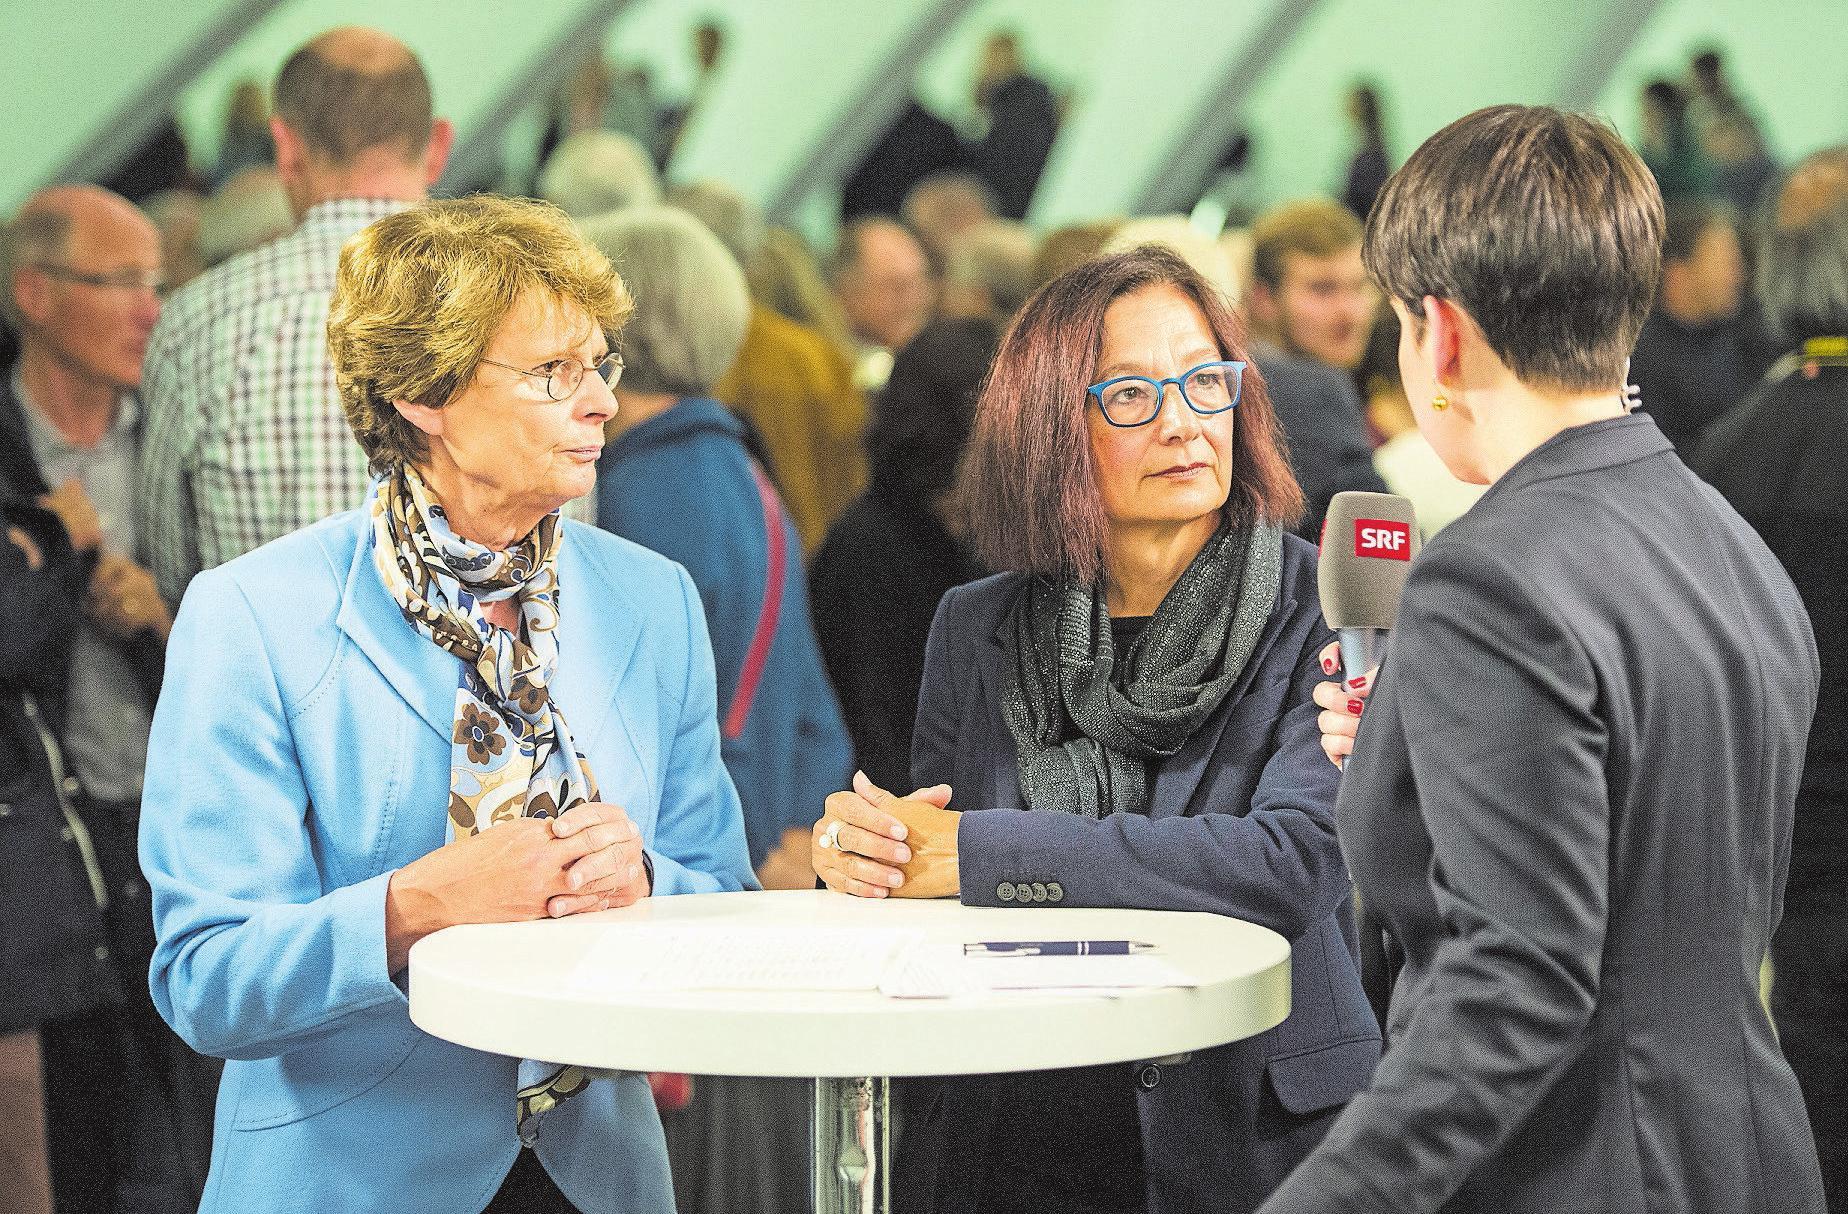 Konsternierte Gesichter: Margrit Kessler (GLP) und Yvonne Gilli (Grüne) nach der Niederlage im Wahlherbst 2015. Bild: Benjamin Manser